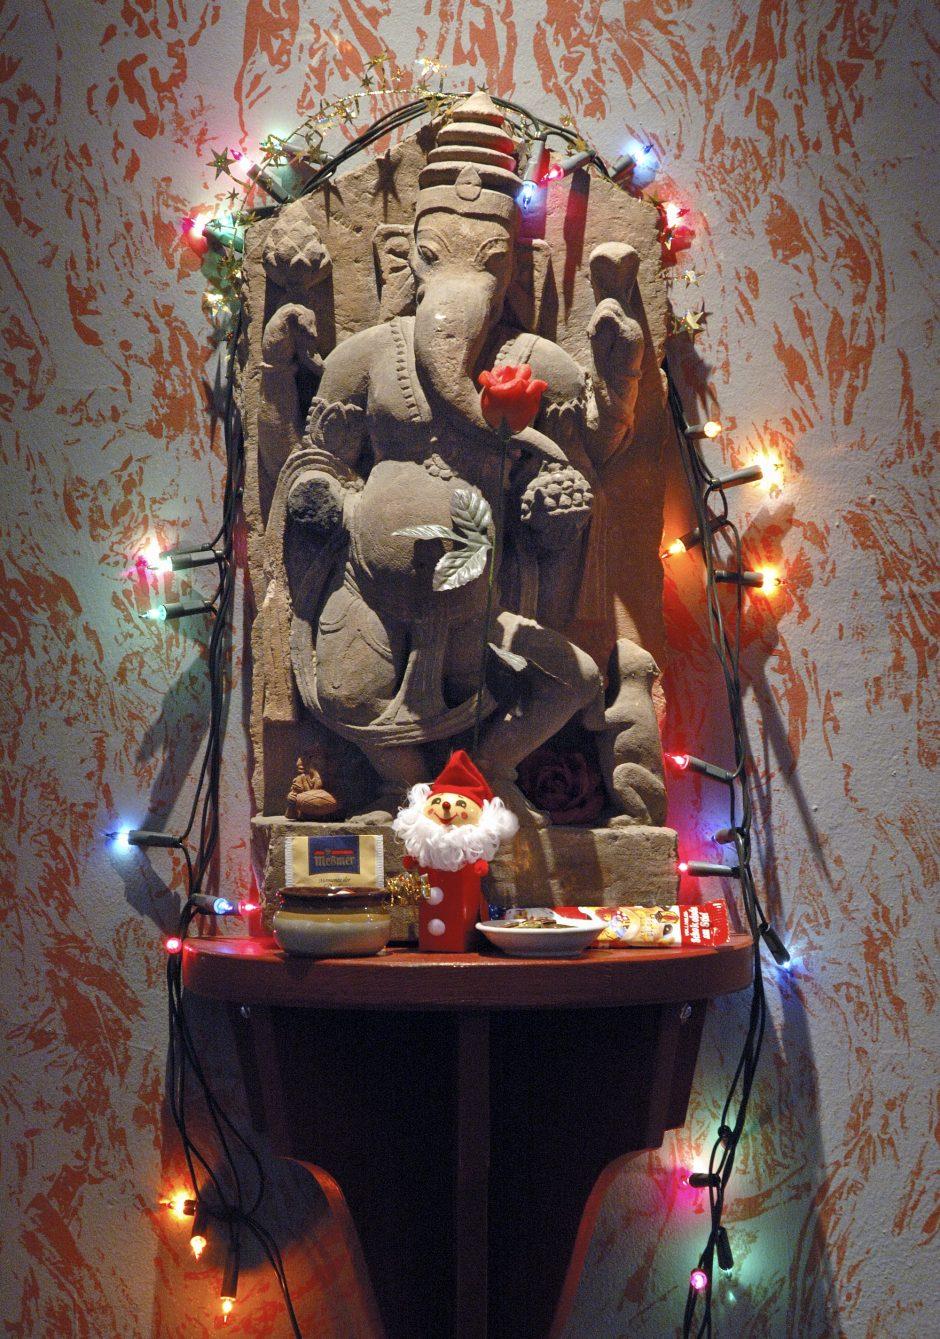 Steinerne Statue des hinduistischen Gottes Ganesha (Menschenkörper mit vier Armen und Elefantenkopf)